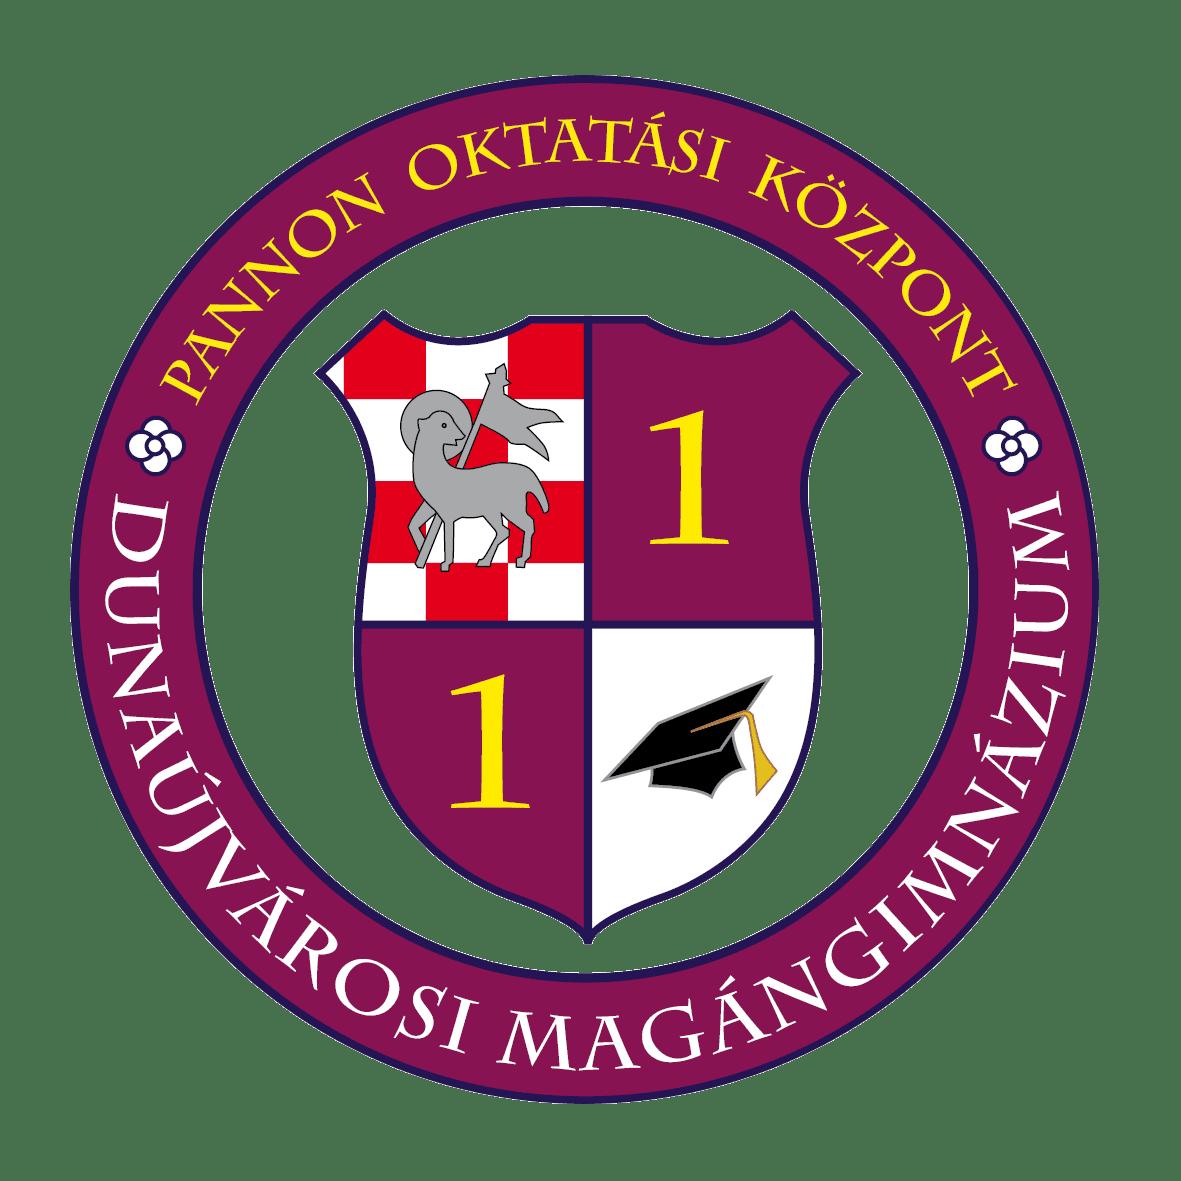 Pannon Oktatási Központ